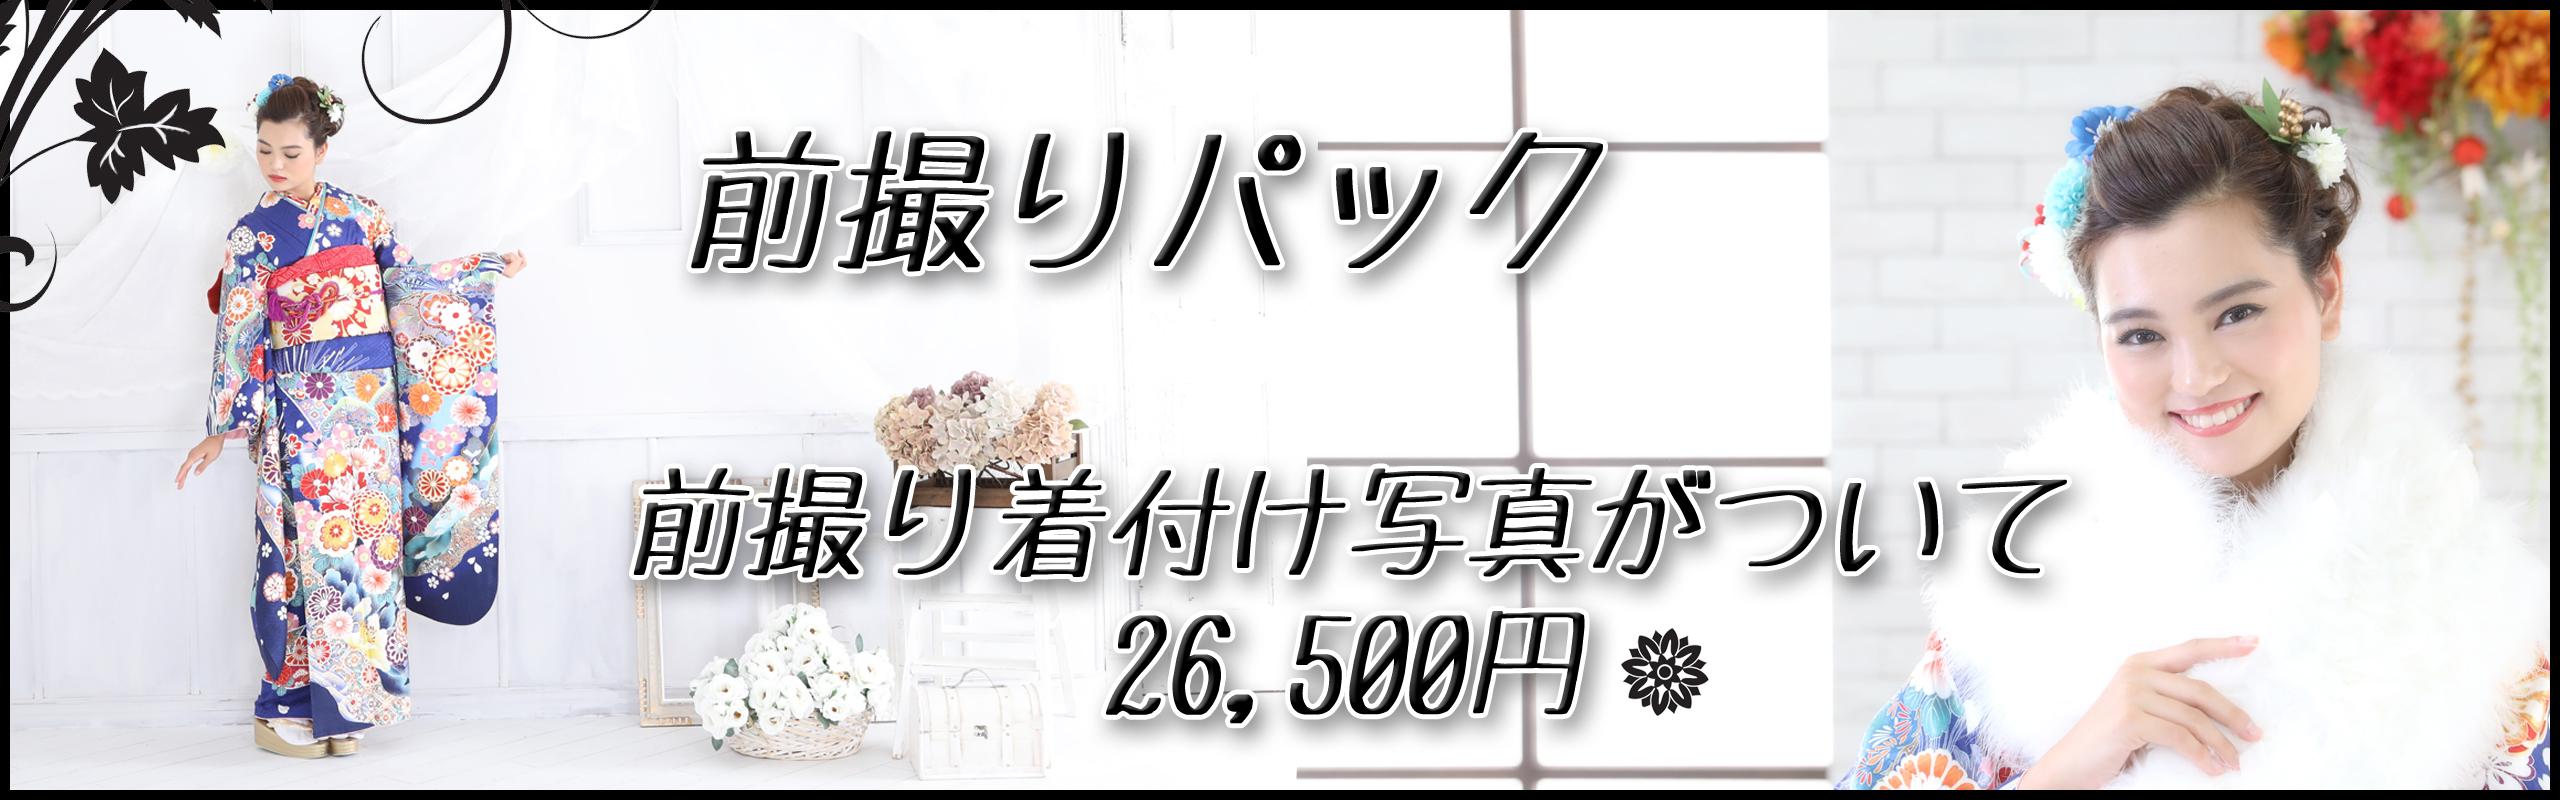 成人式前撮り写真パック 前撮り着付け写真がついて26500円